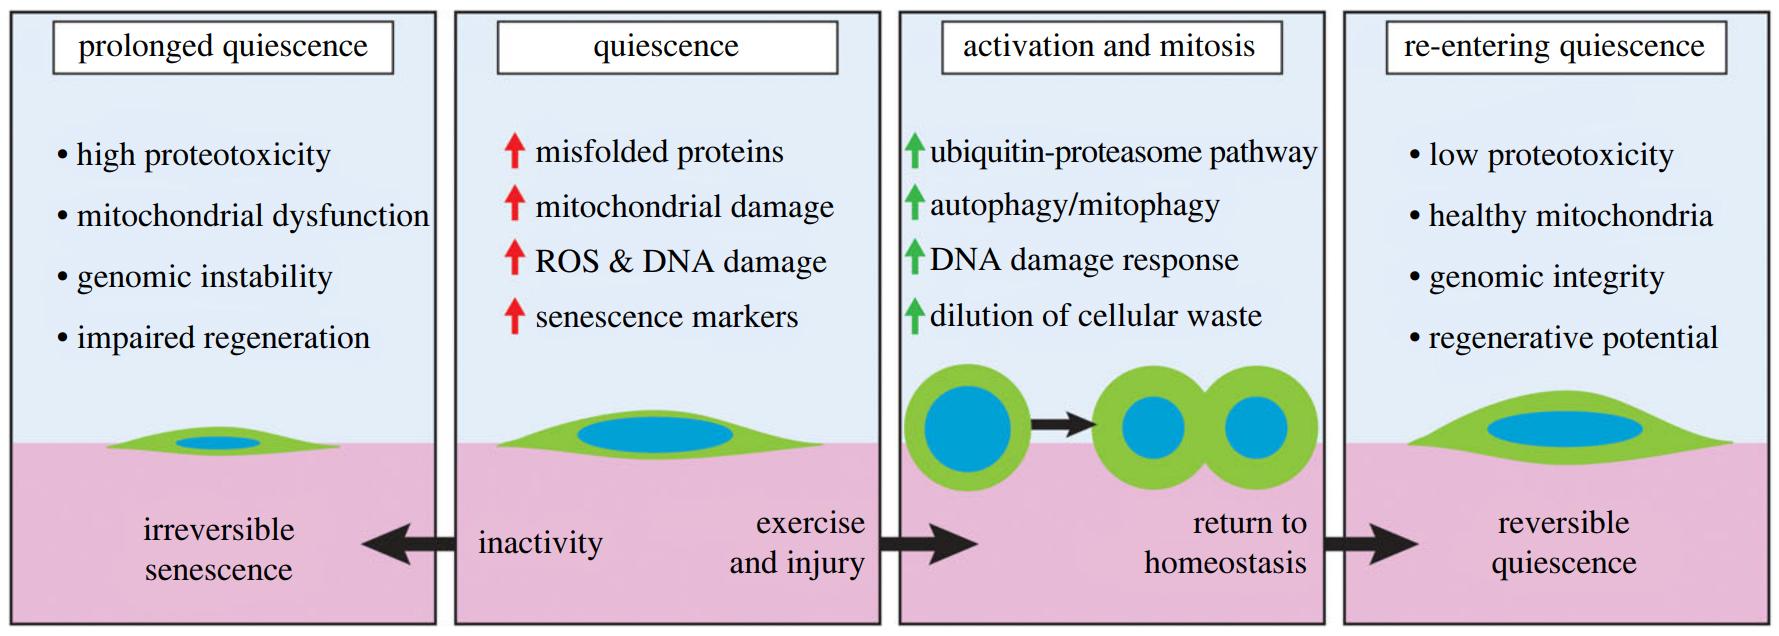 Dormência saudável (quiescência) requer ativação regular.  (Chen et al., Open Biology, 2020)